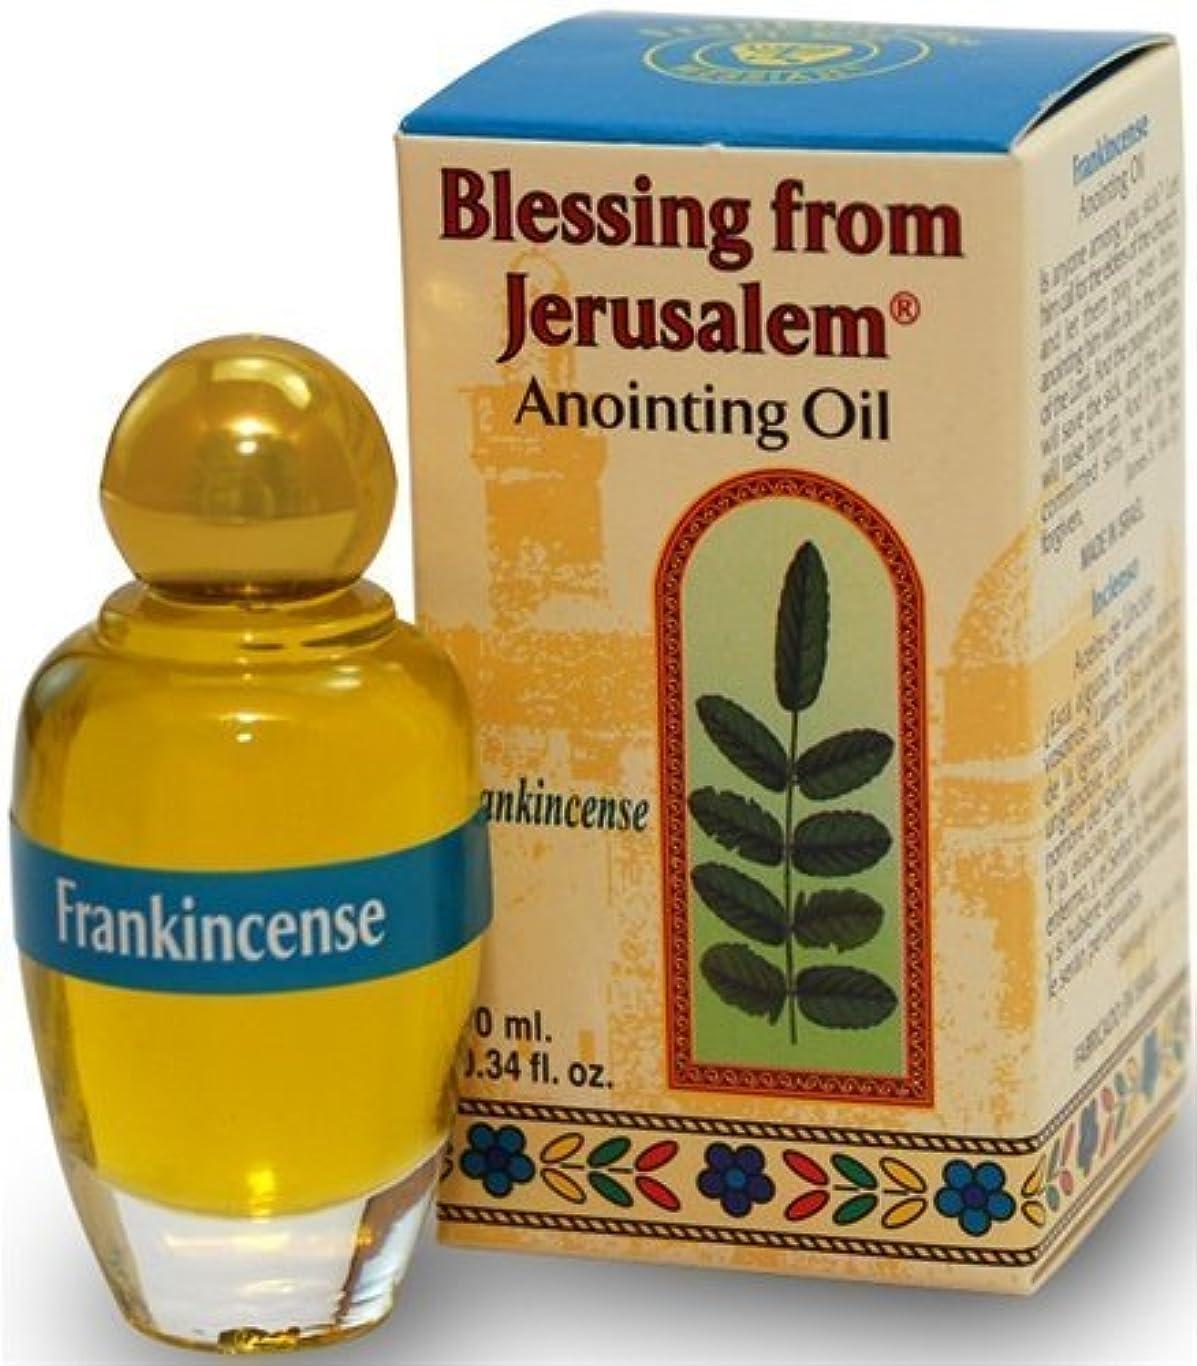 タイピスト持参見せますFrankincense – BlessingからエルサレムAnointingオイル – 10 ml ( .34 FLオンス) byベツレヘムギフトTM